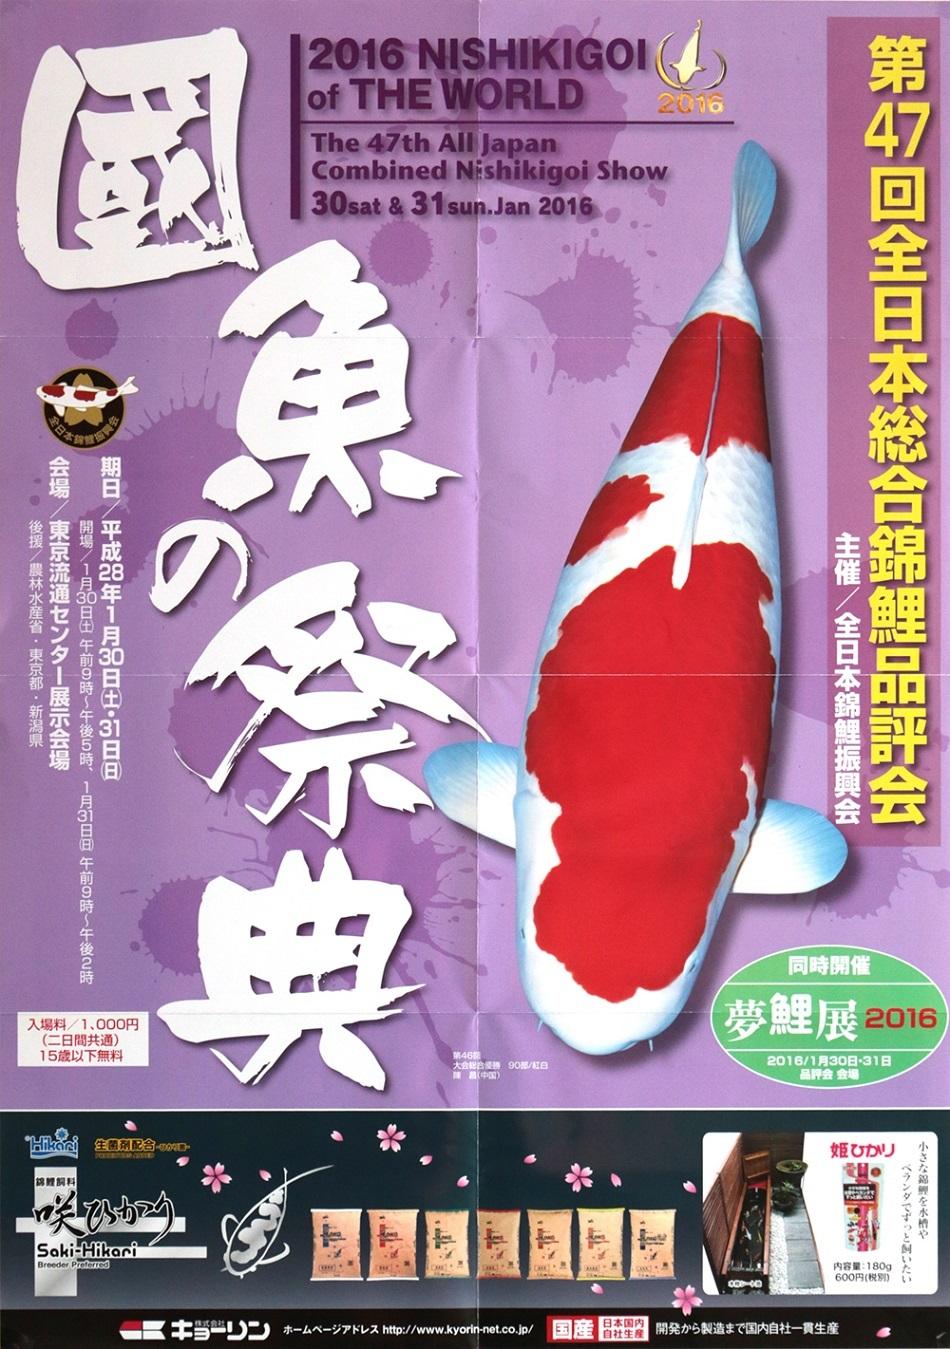 The 47th All Japan Combined Nishikigoi Show